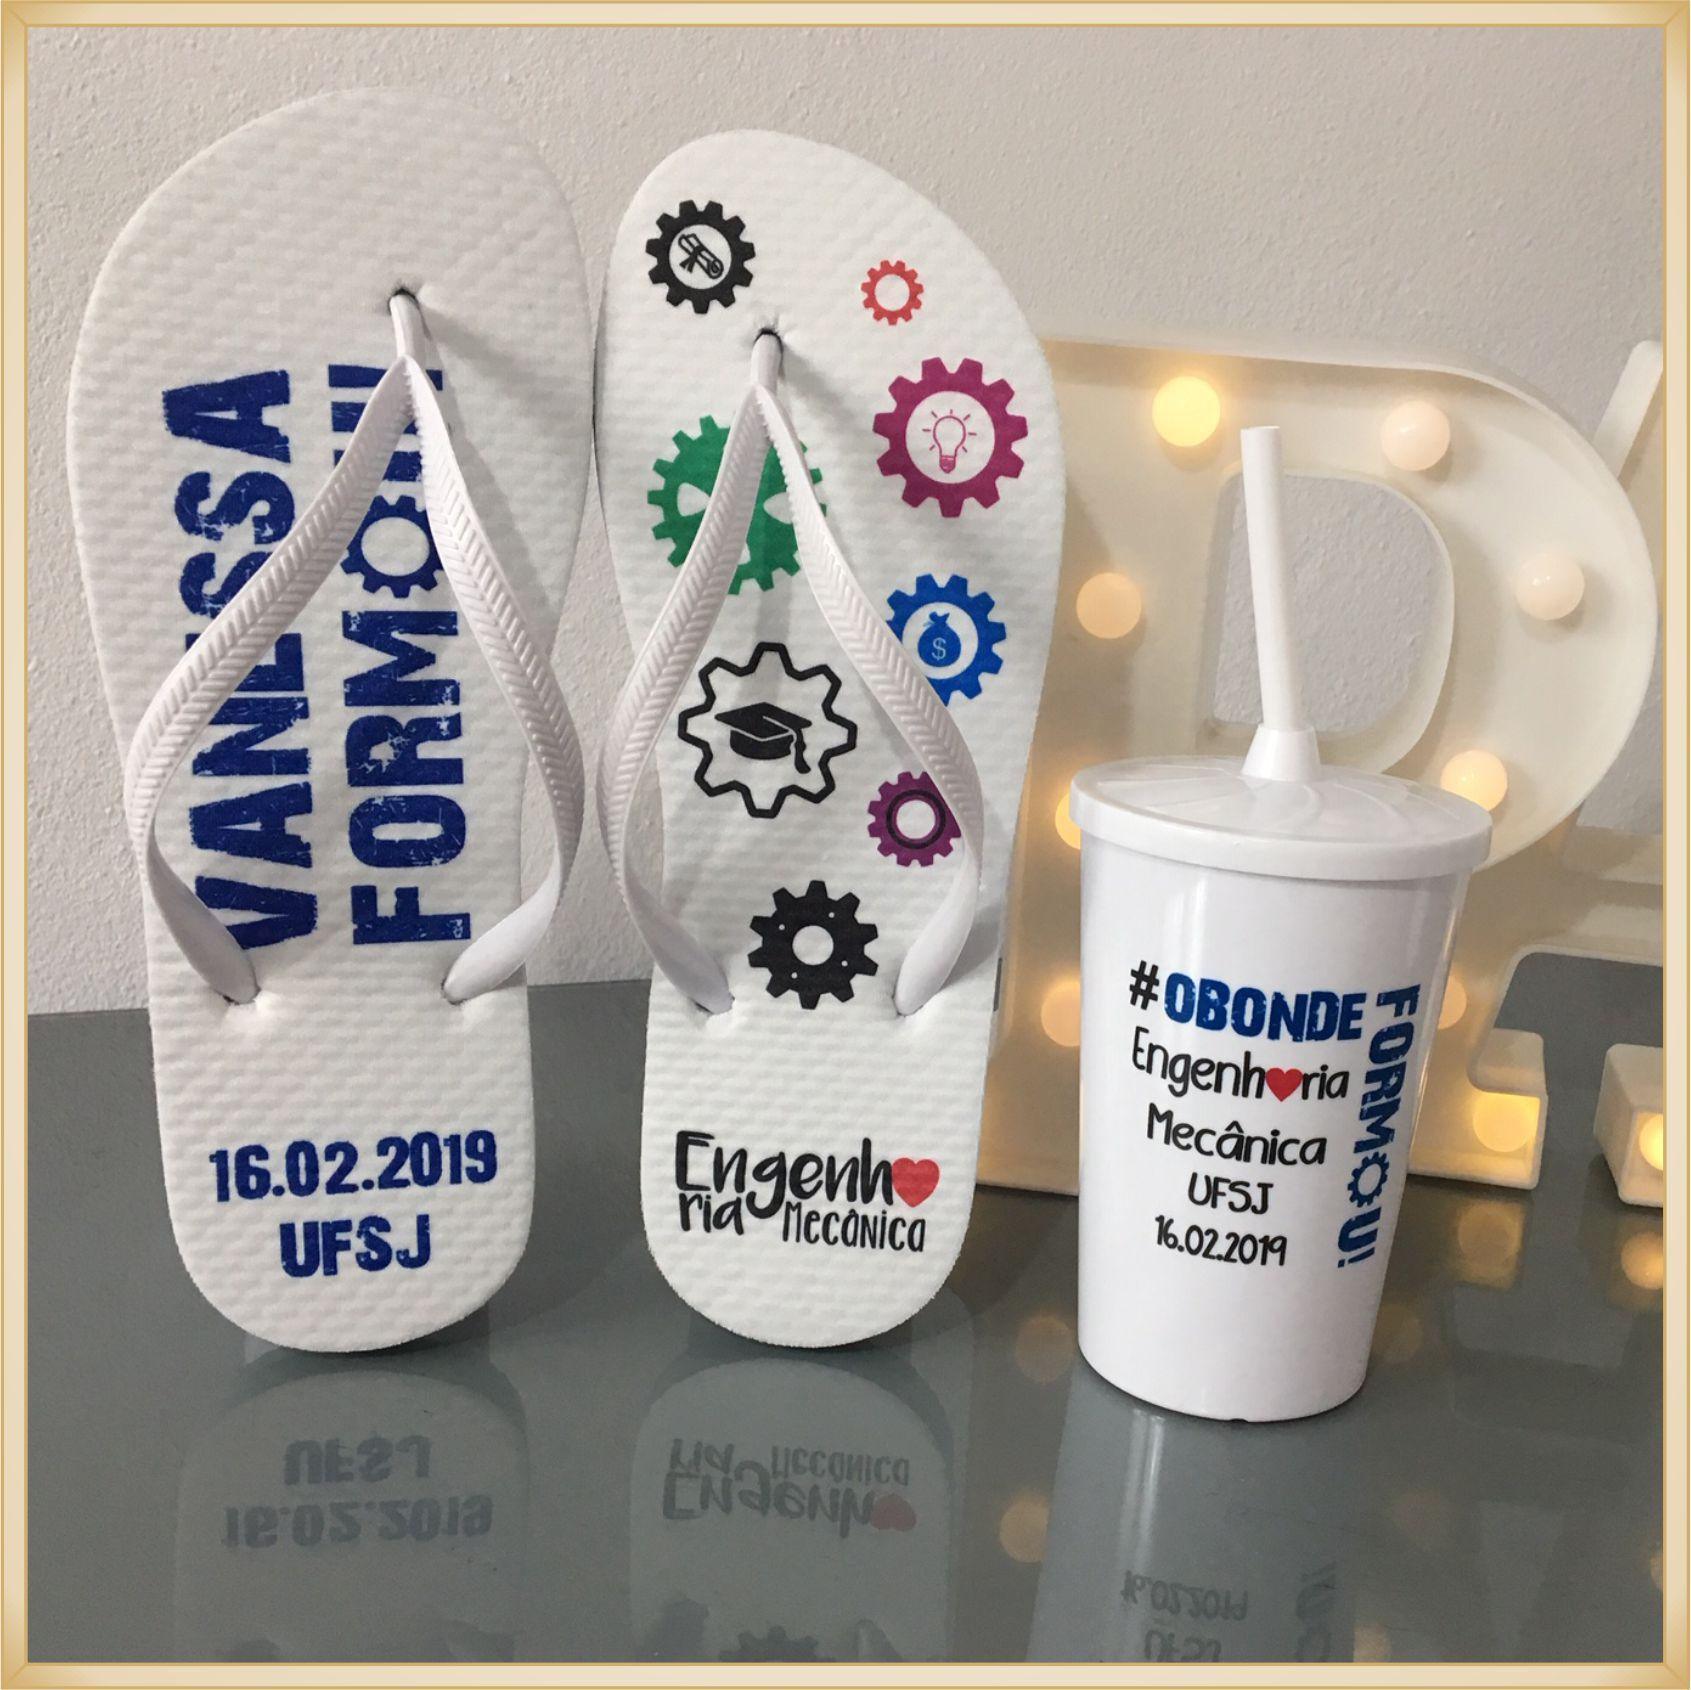 Kit personalizado de formatura chinelo + copo com tampa e canudo - 10 unidades de cada